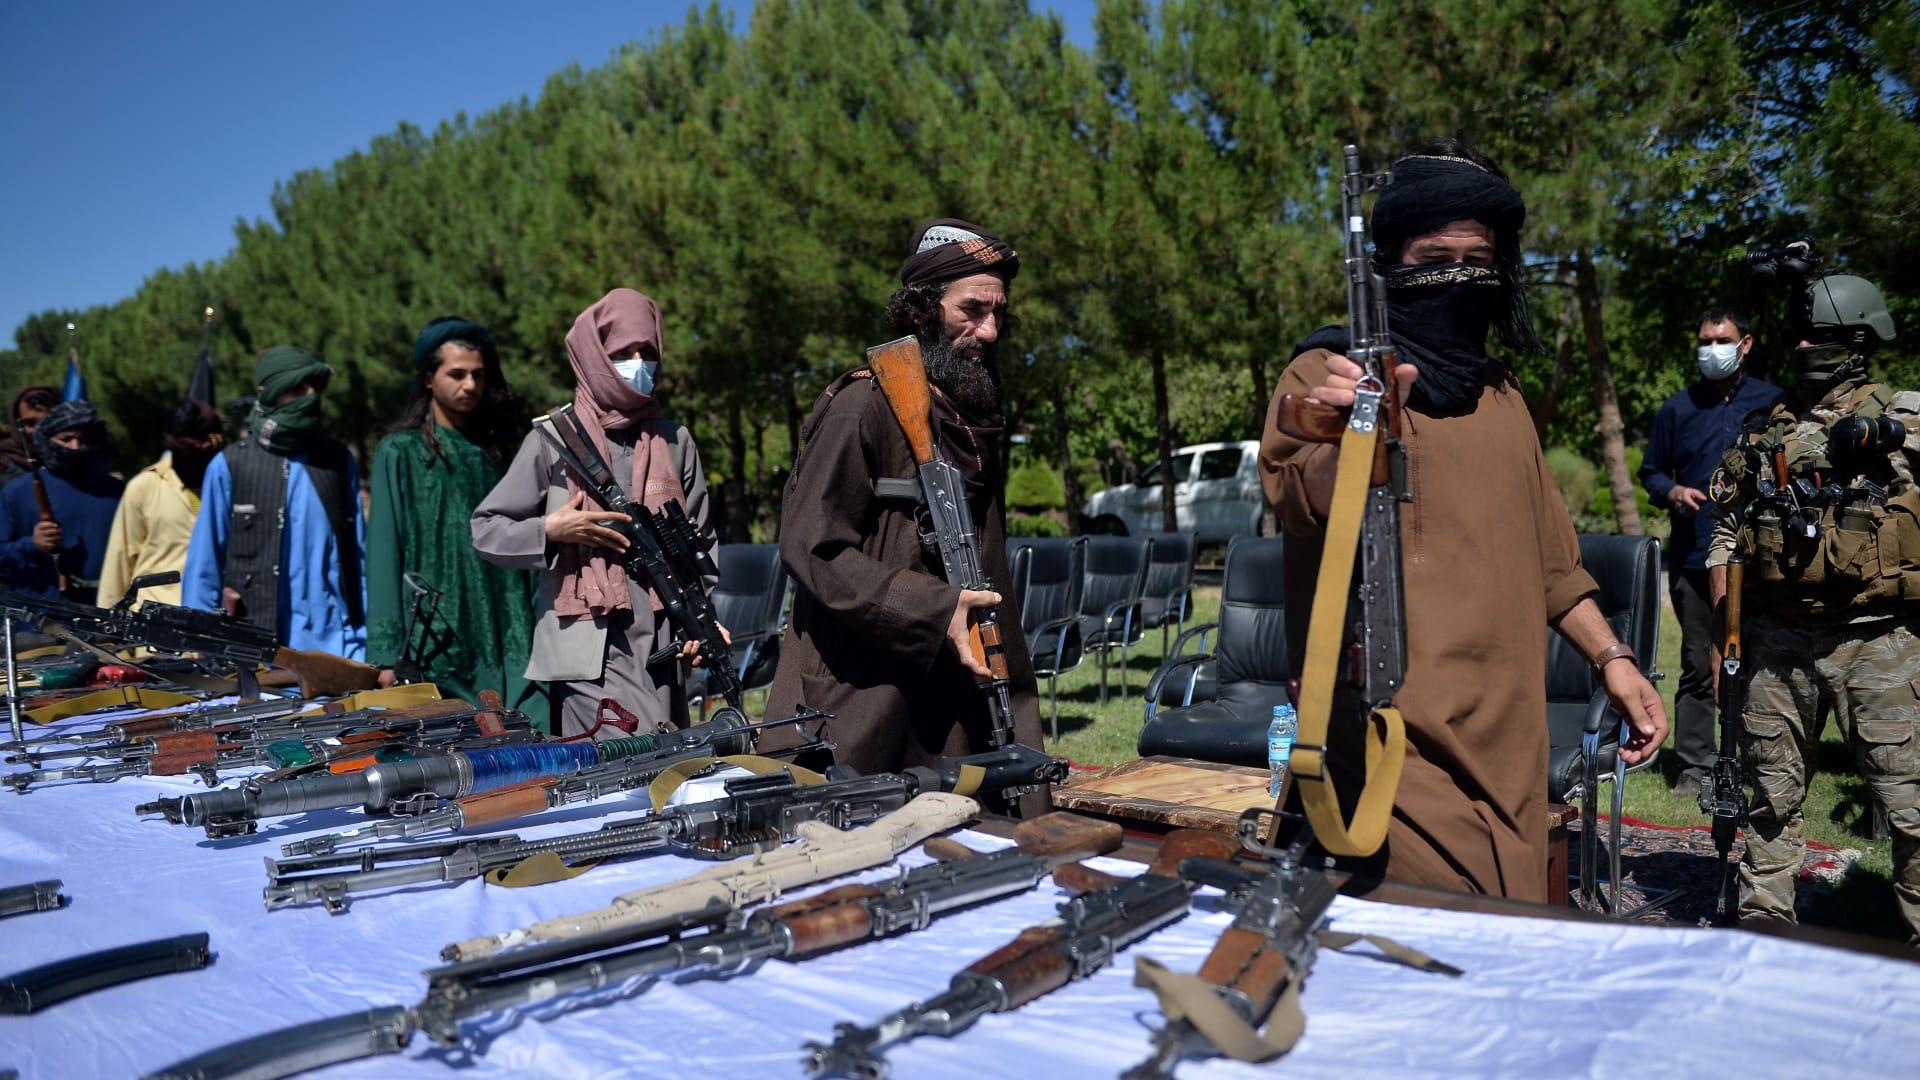 مذيعة CNN لمسؤول أفغاني كبير: هل ستطيح طالبان بحكومة أفغانستان؟.. كيف رد؟